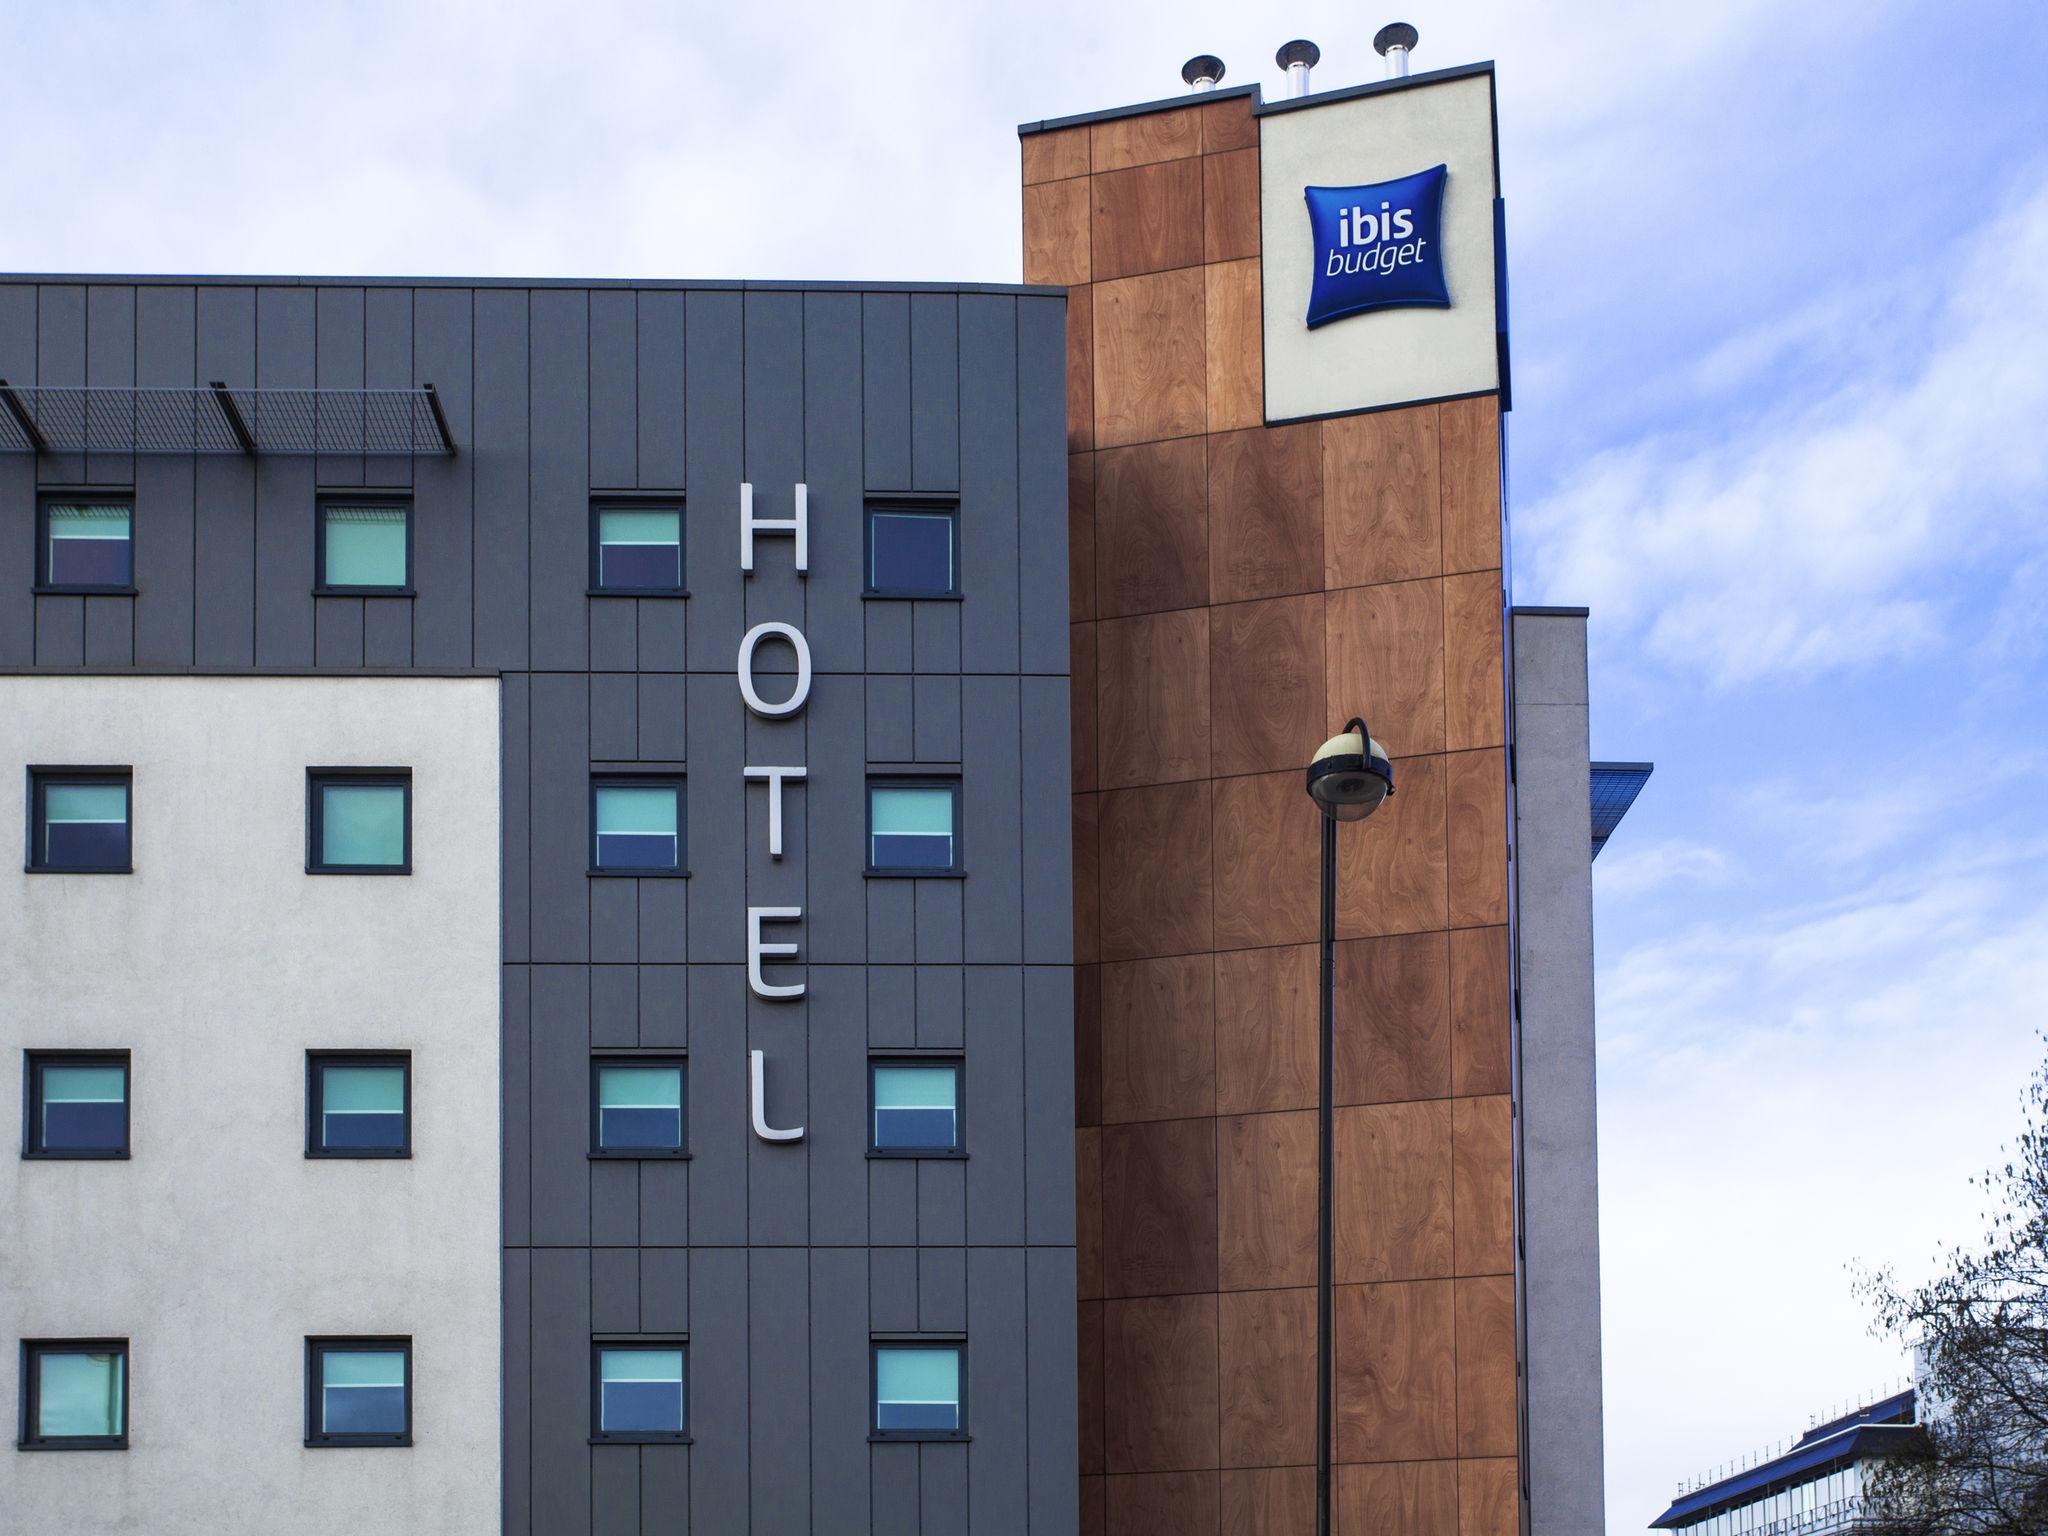 Hotel – ibis budget Londen Hounslow